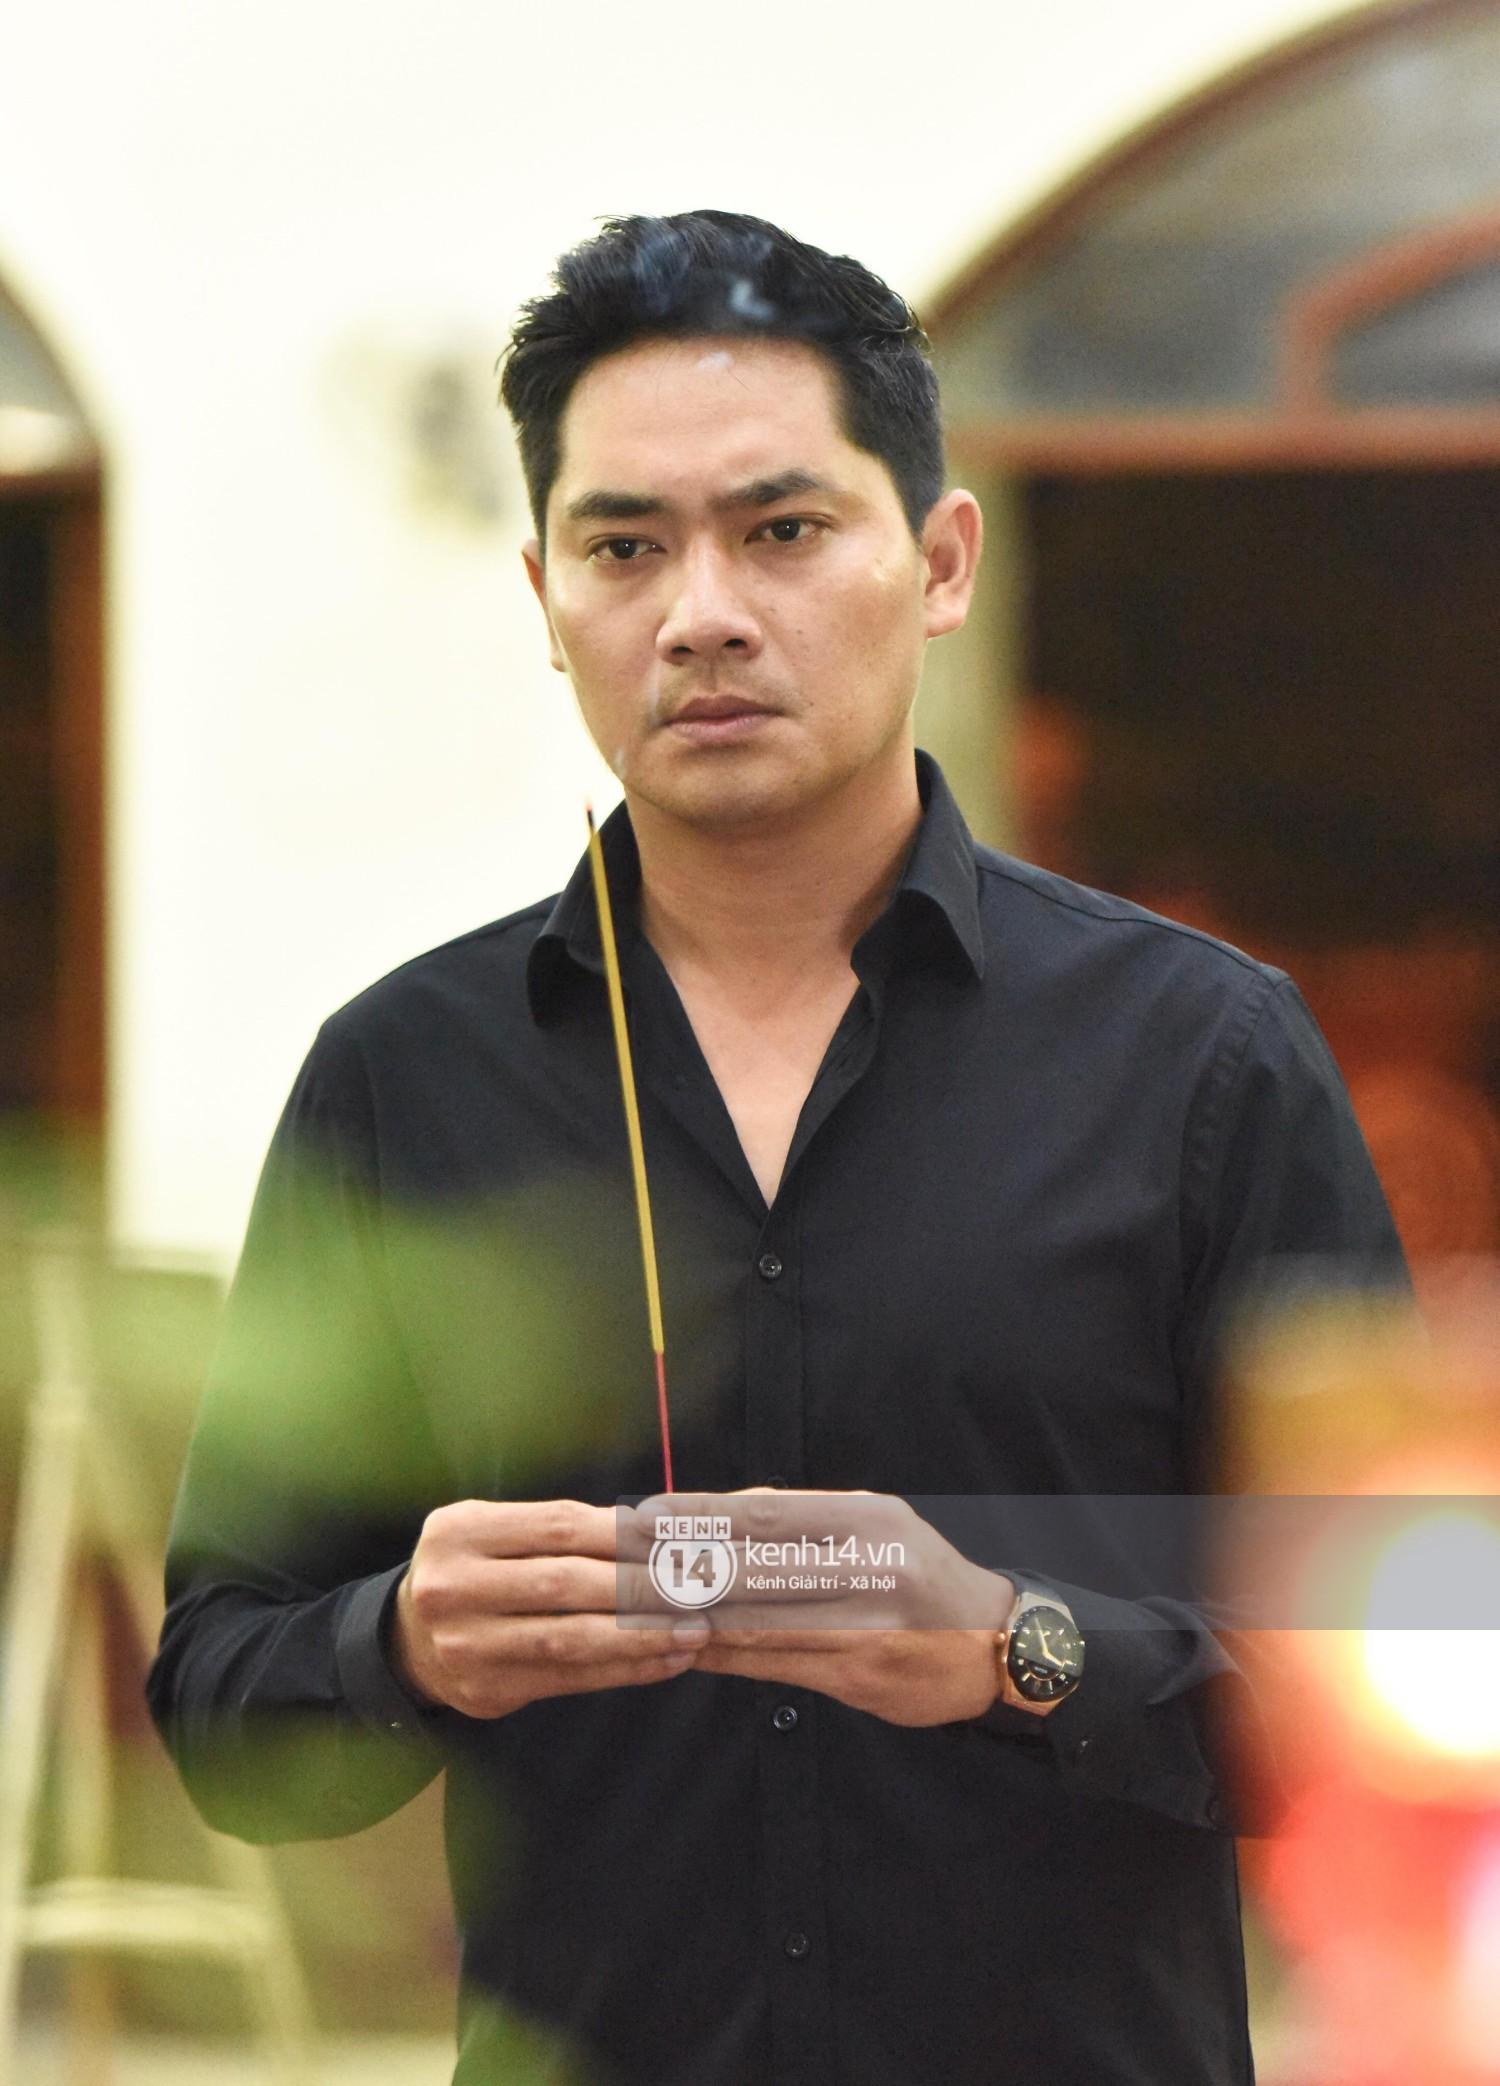 Dàn nghệ sĩ bất chấp mưa lớn tới thắp nhang cho nghệ sĩ Lê Bình trong buổi tối thứ hai tang lễ - Ảnh 4.